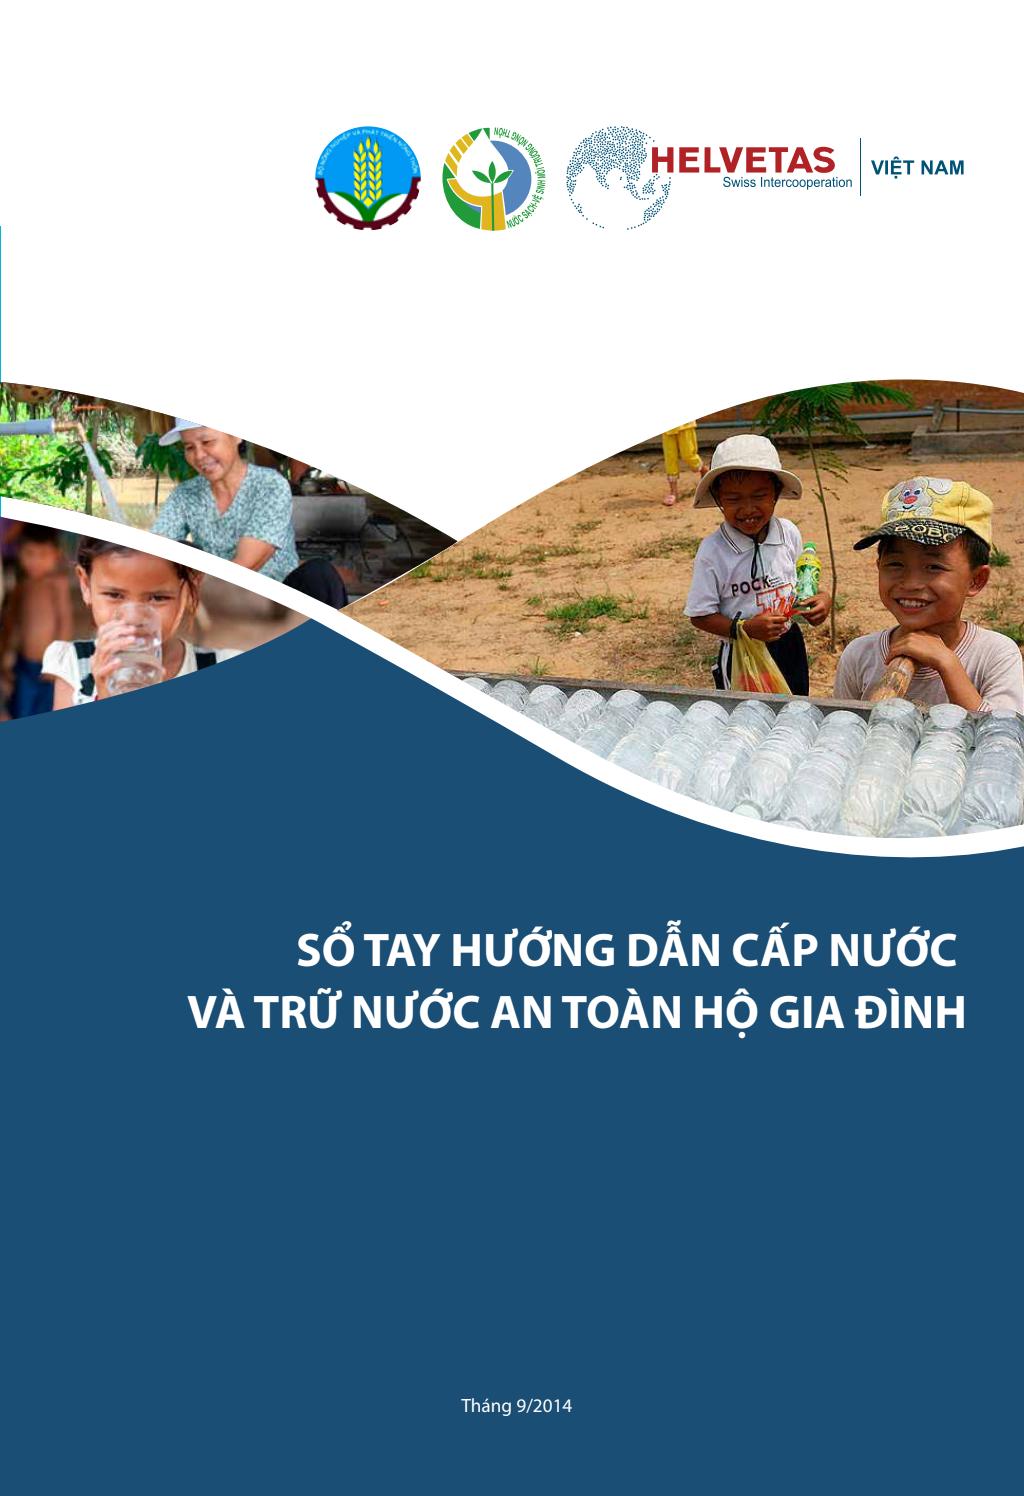 Sổ tay hướng dẫn cấp nước và trữ nước an toàn hộ gia đình